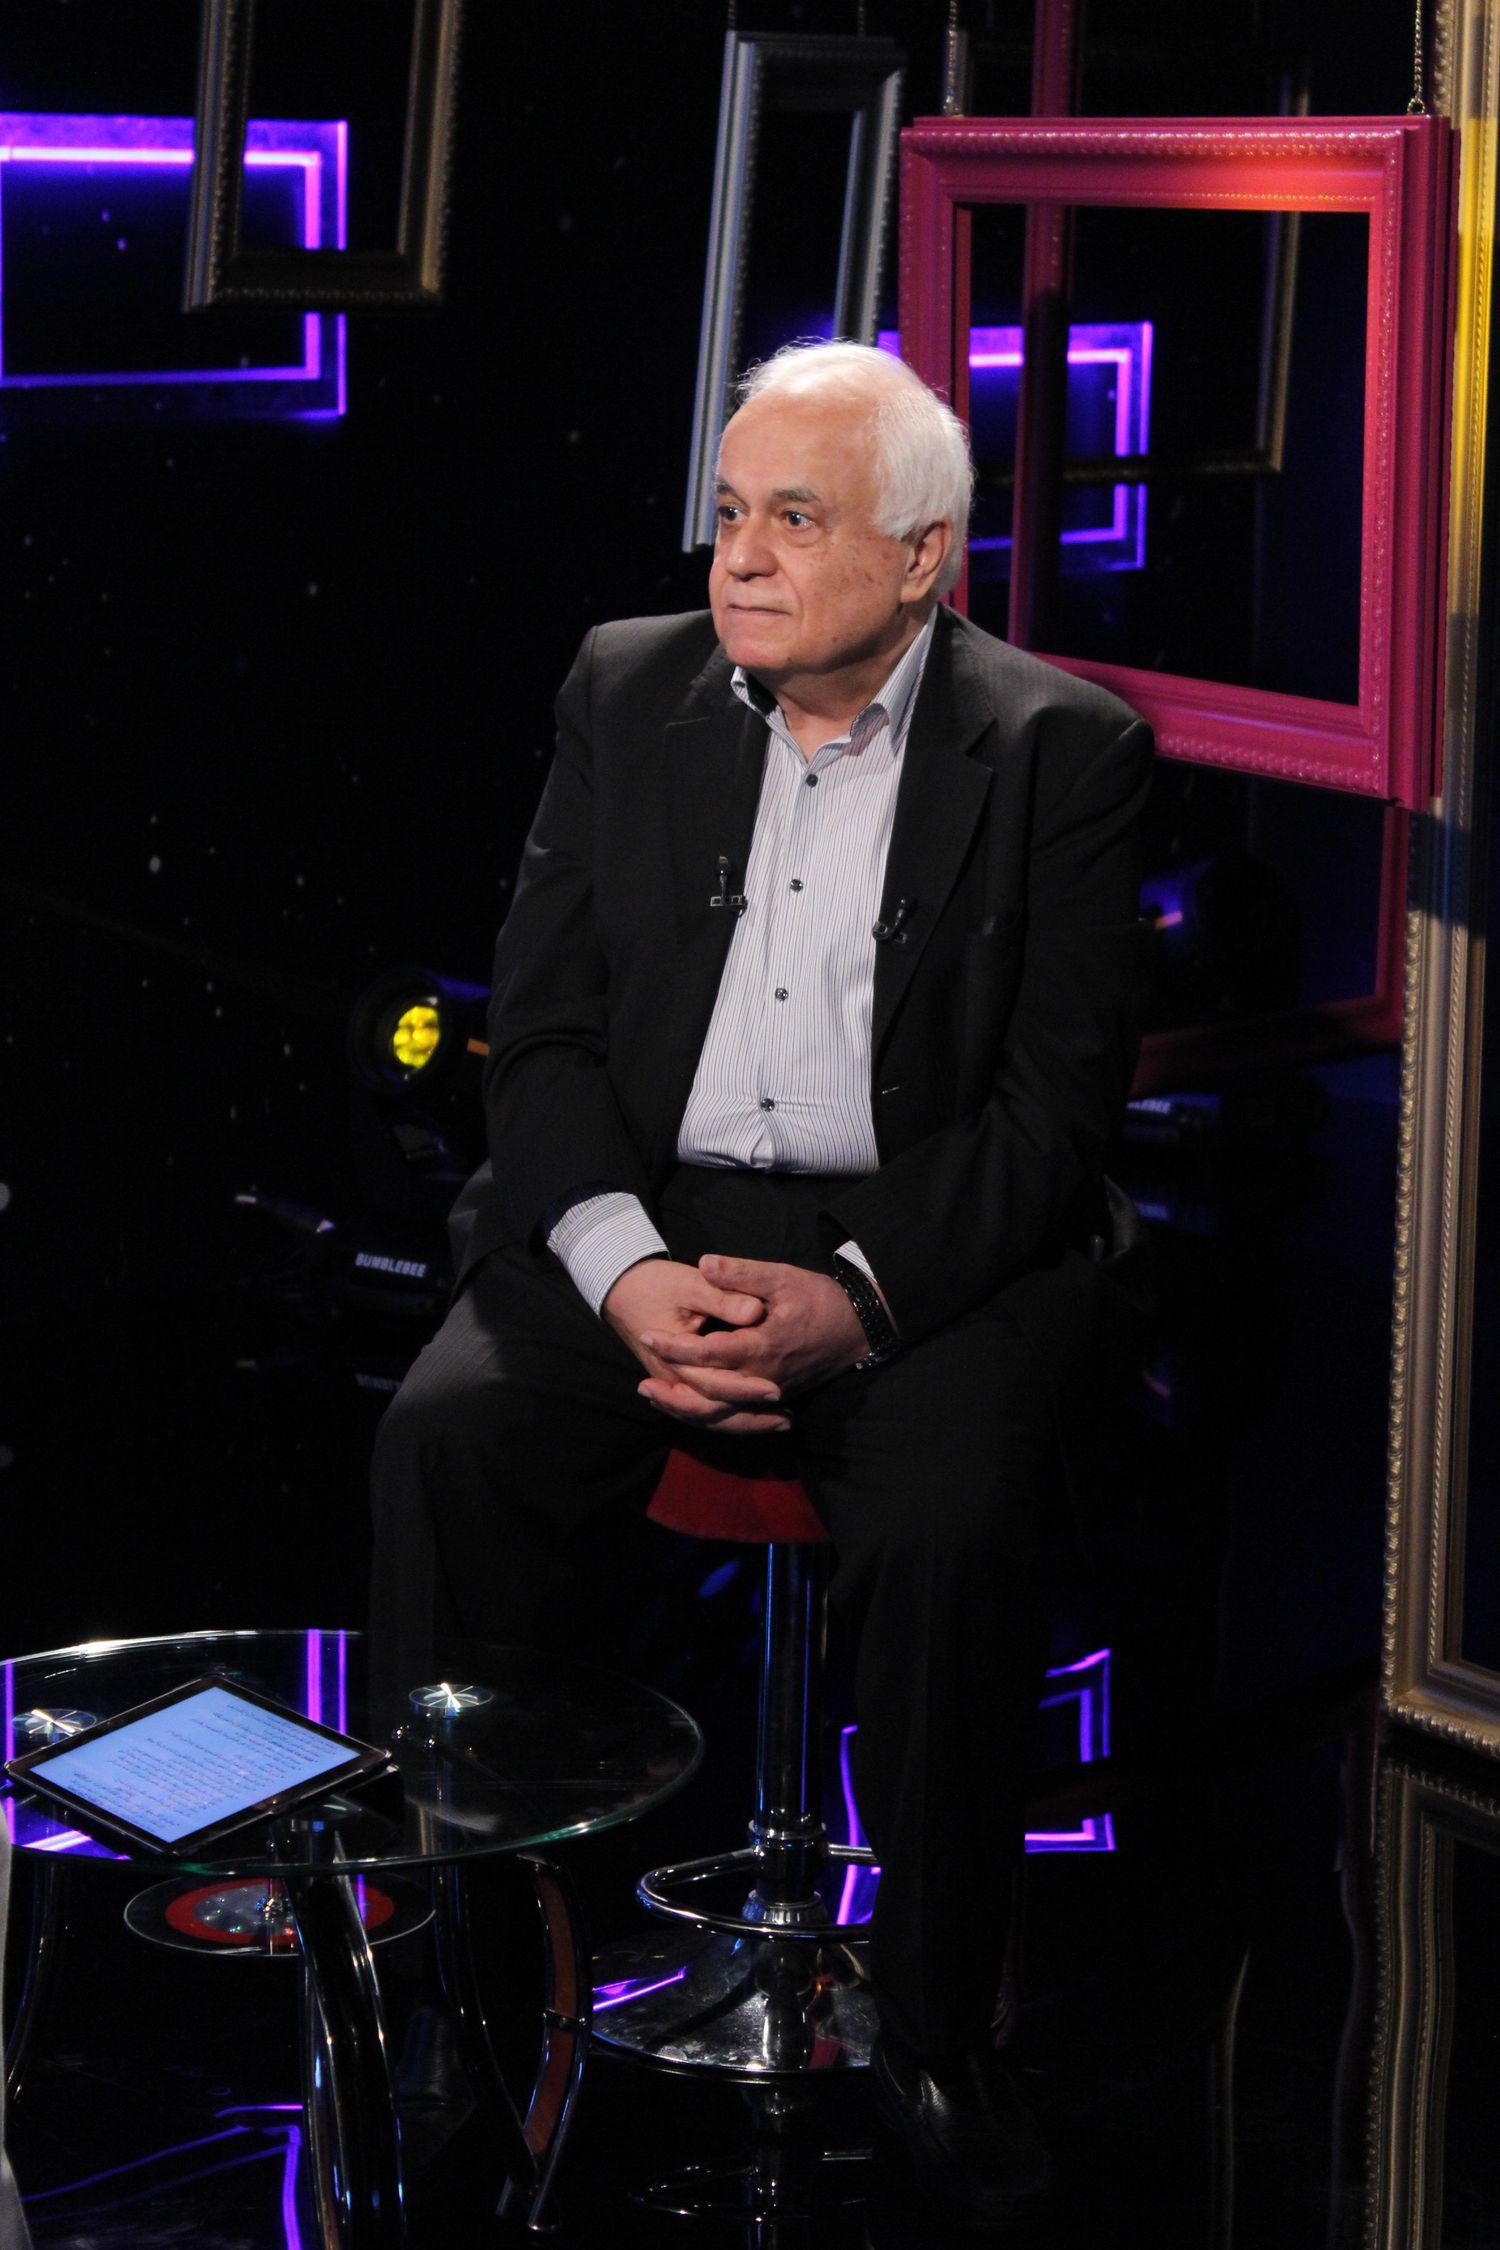 المنتج والكاتب اللبناني مروان نجار